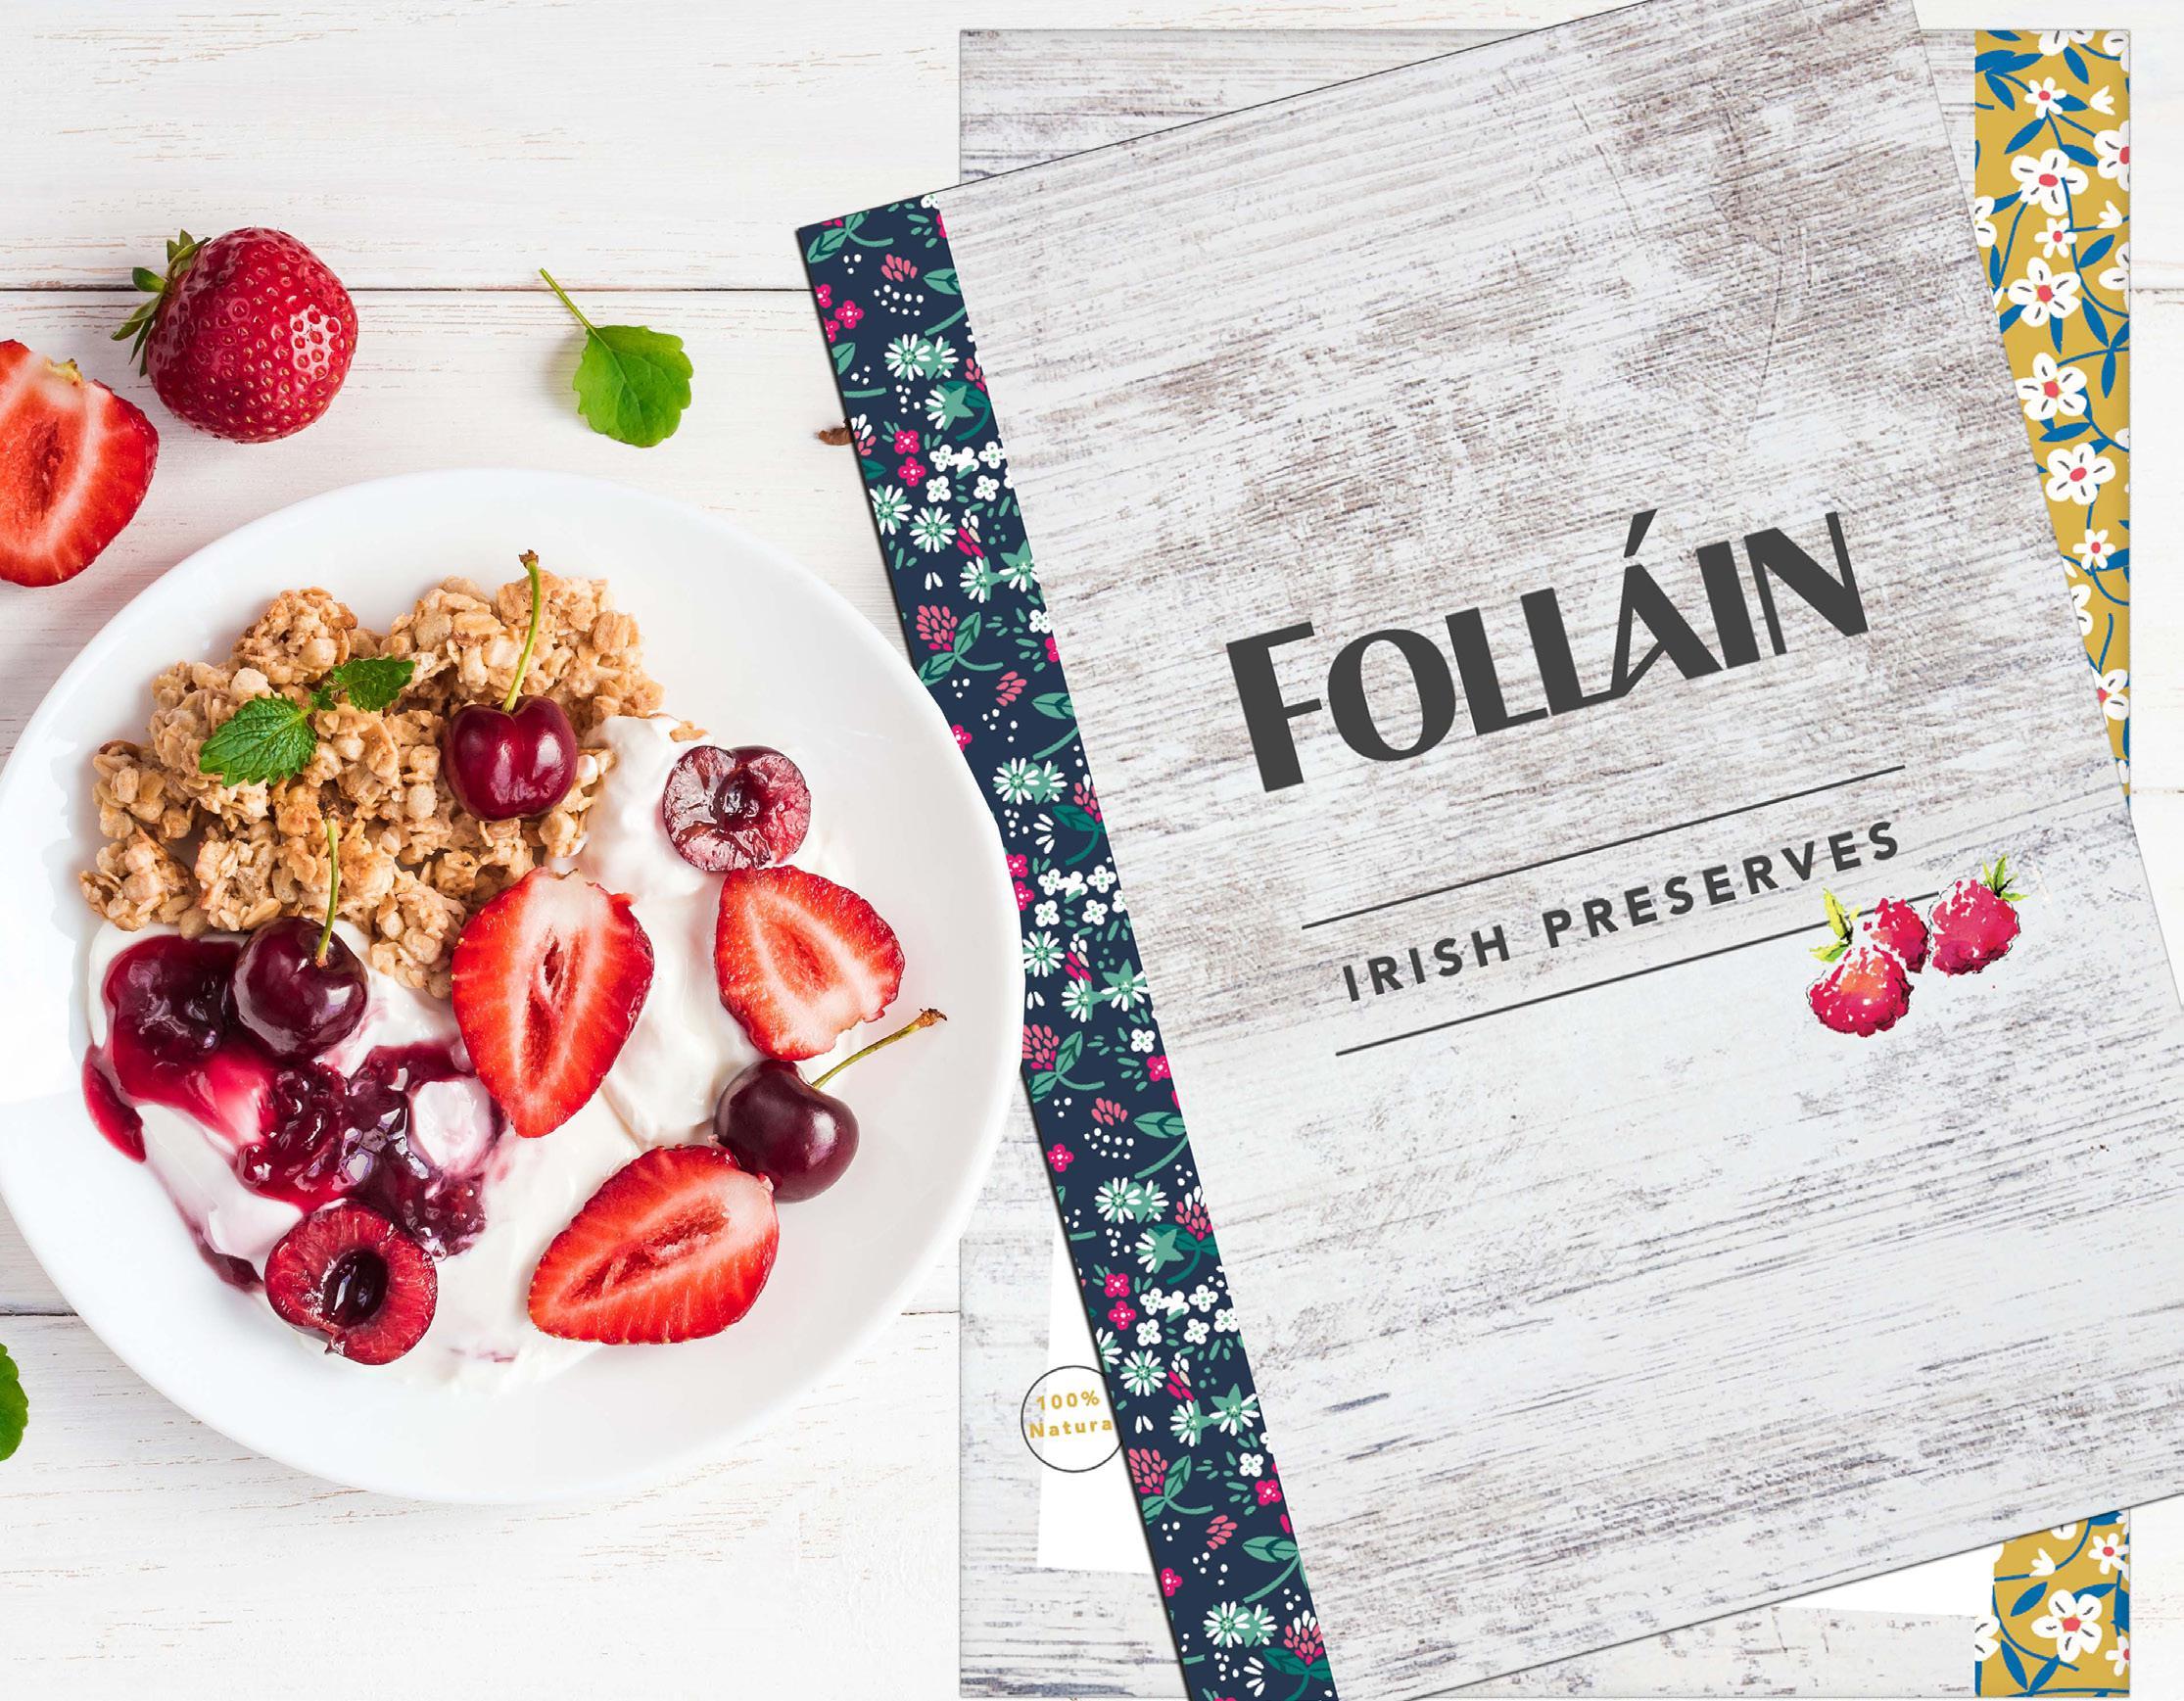 Limelight Media Cork | Follain | PR agency, Branding, Advertising,  Cork